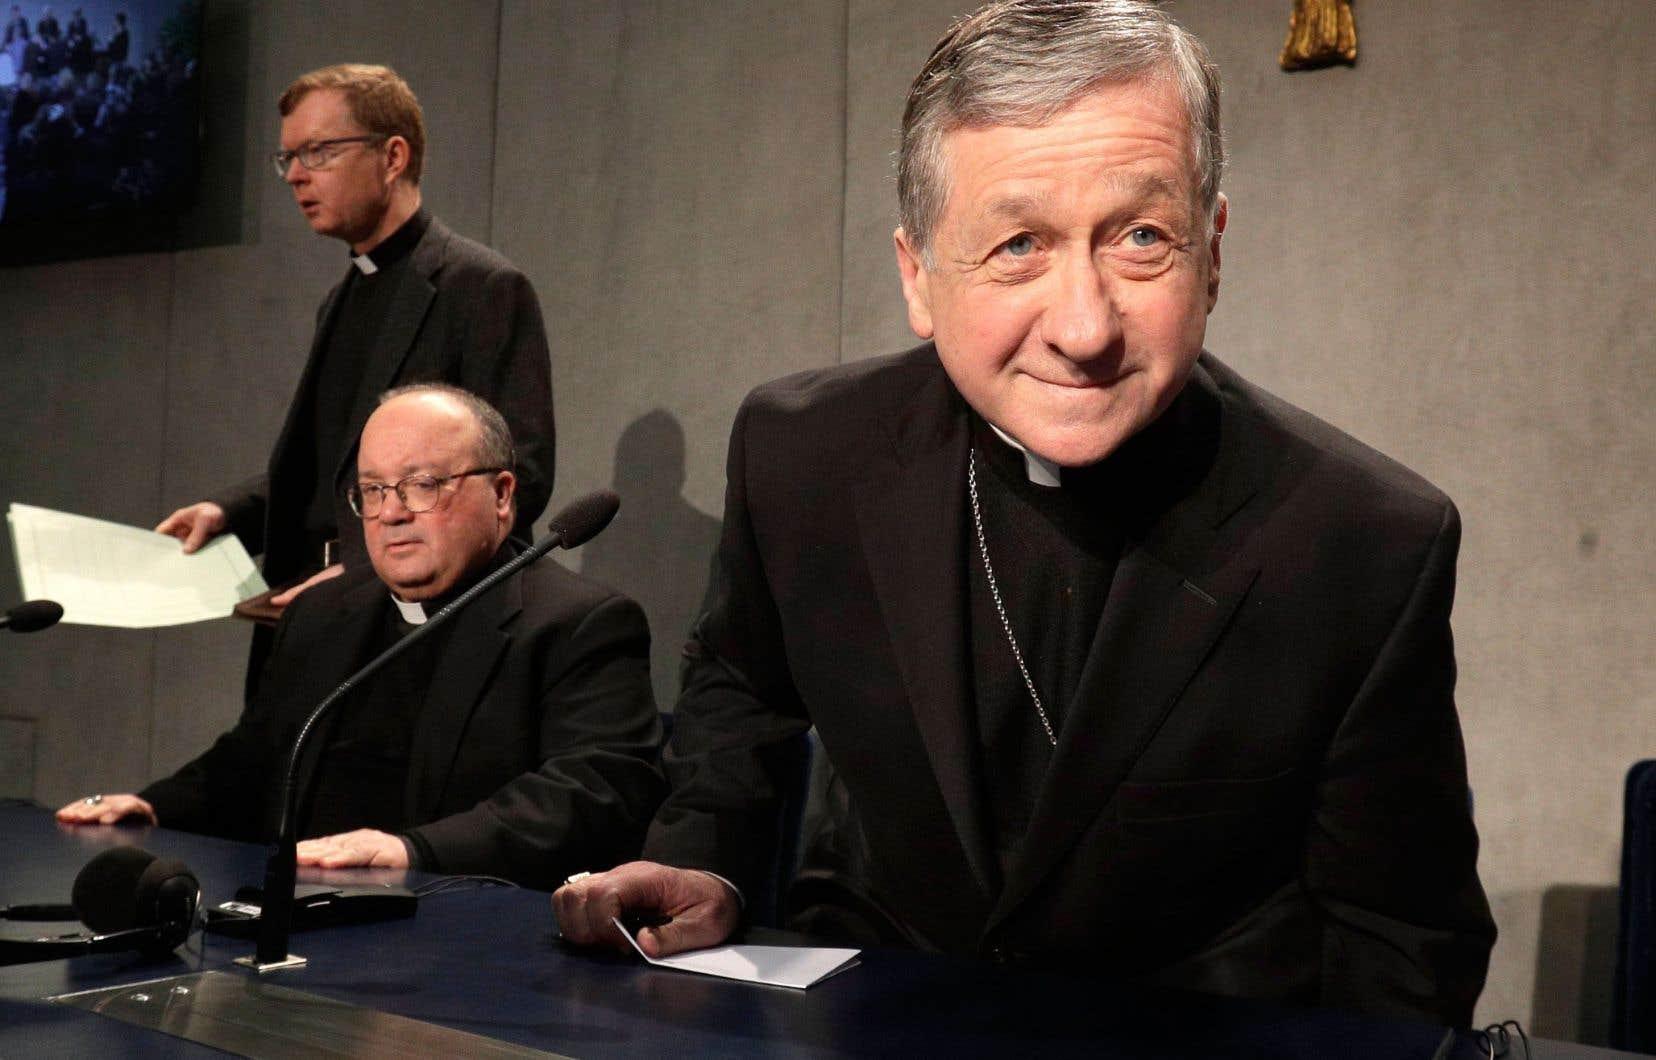 À la deuxième journée du sommet sur la protection des mineurs, vendredi au Vatican, le cardinal Blase Cupich a expliqué qu'il souhaitait mettre un terme à la crise actuelle avec de nouvelles procédures «à la fois enracinées dans les traditions et les structures de l'Église».